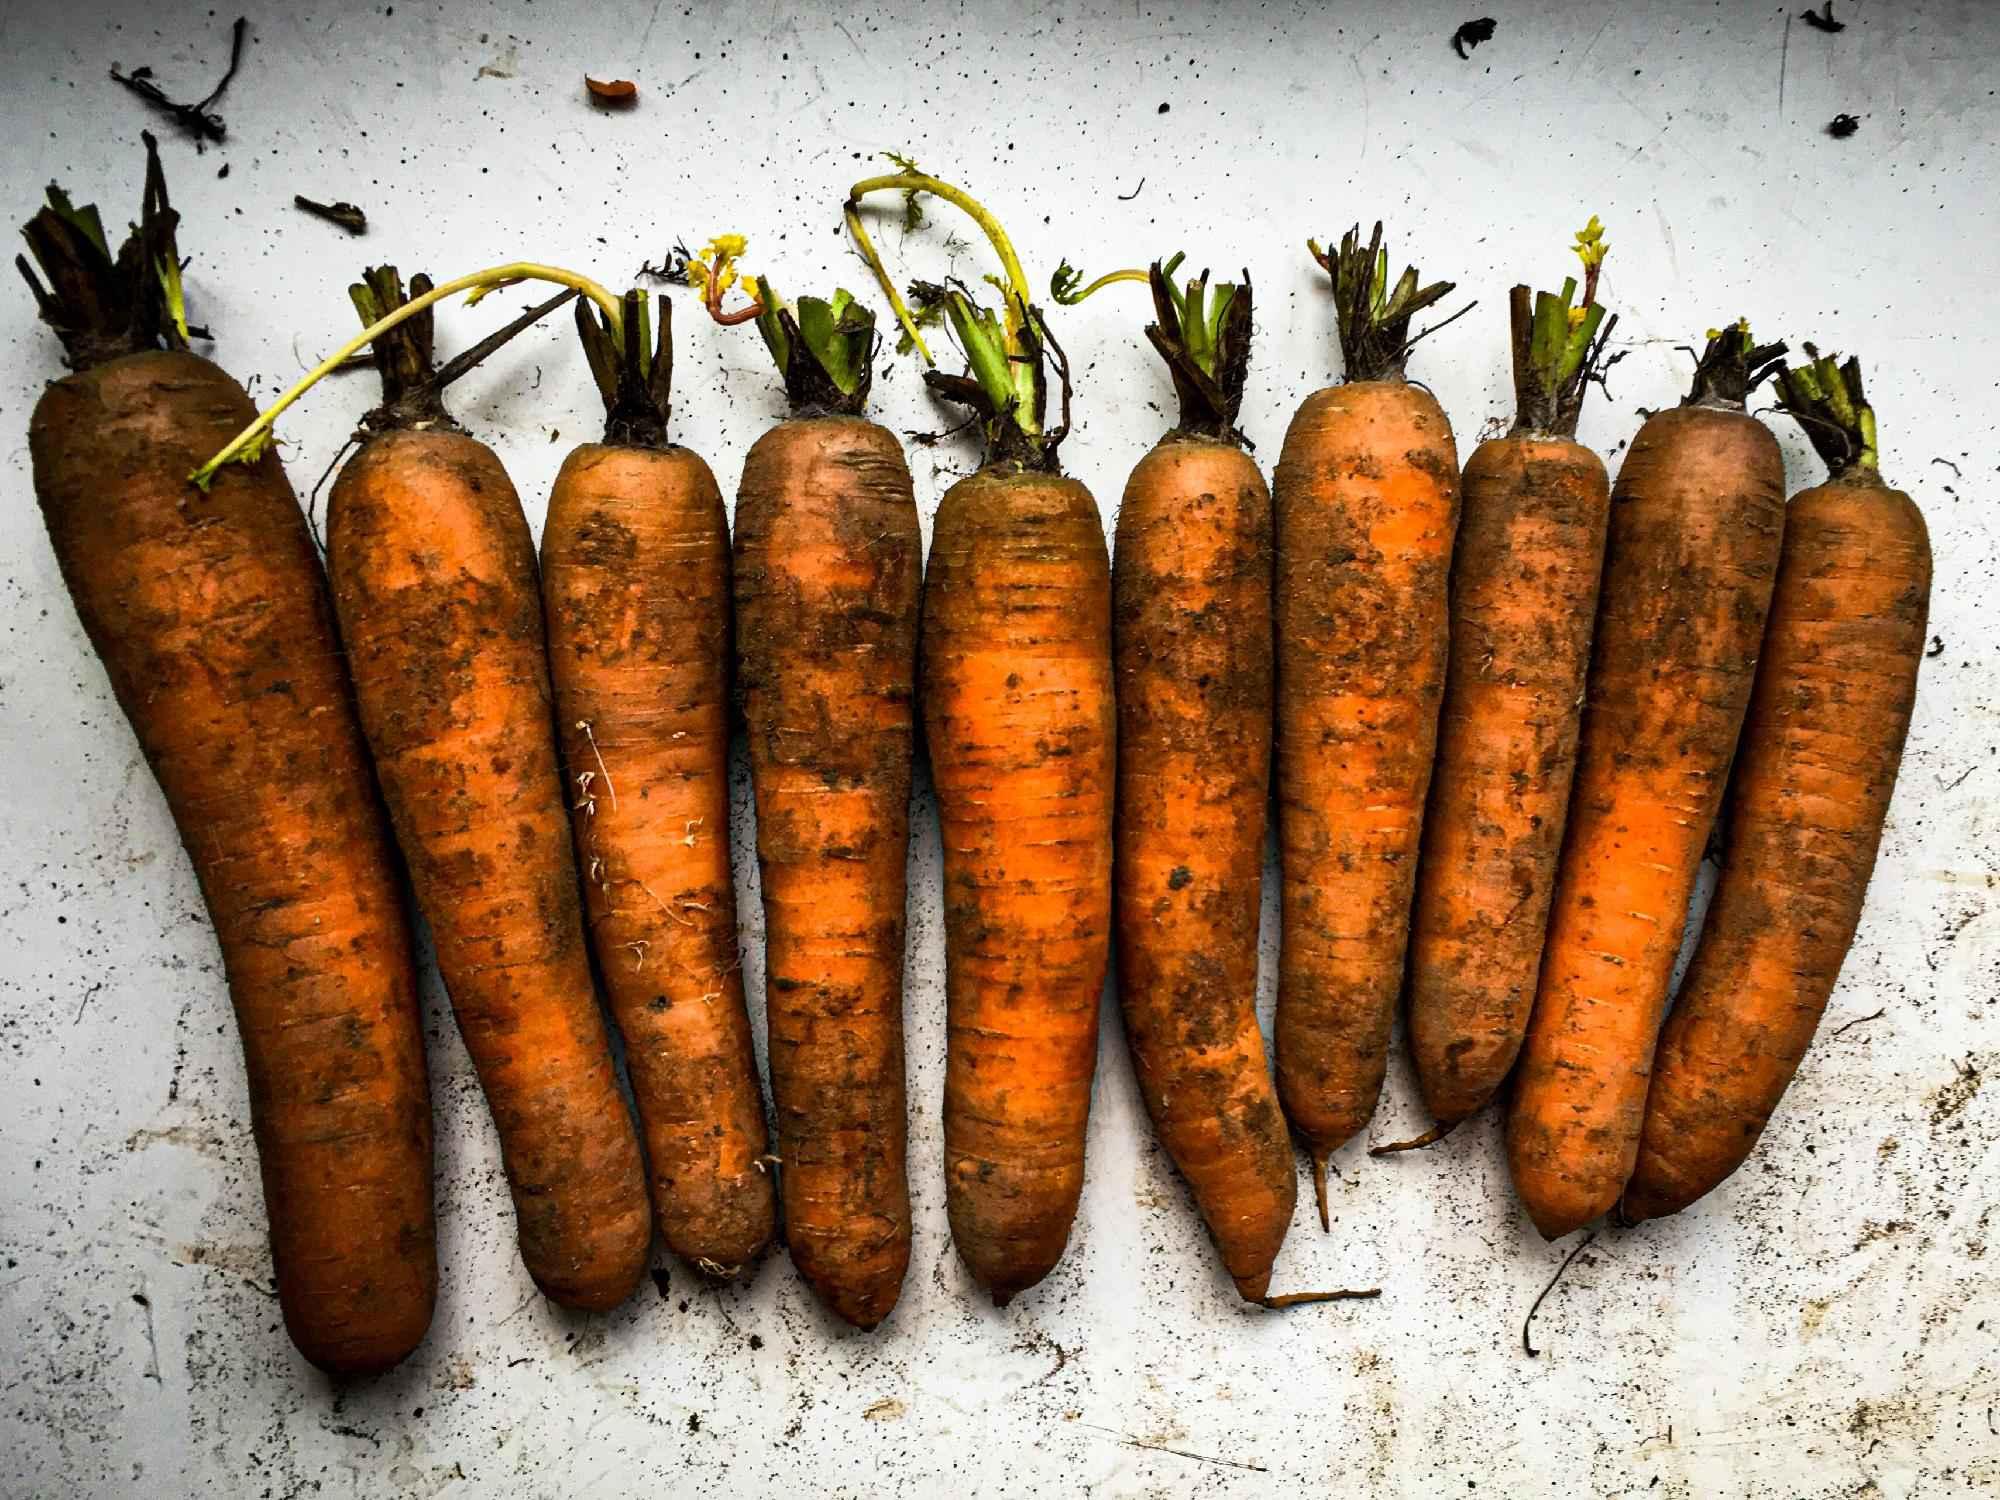 Karottenwerdung